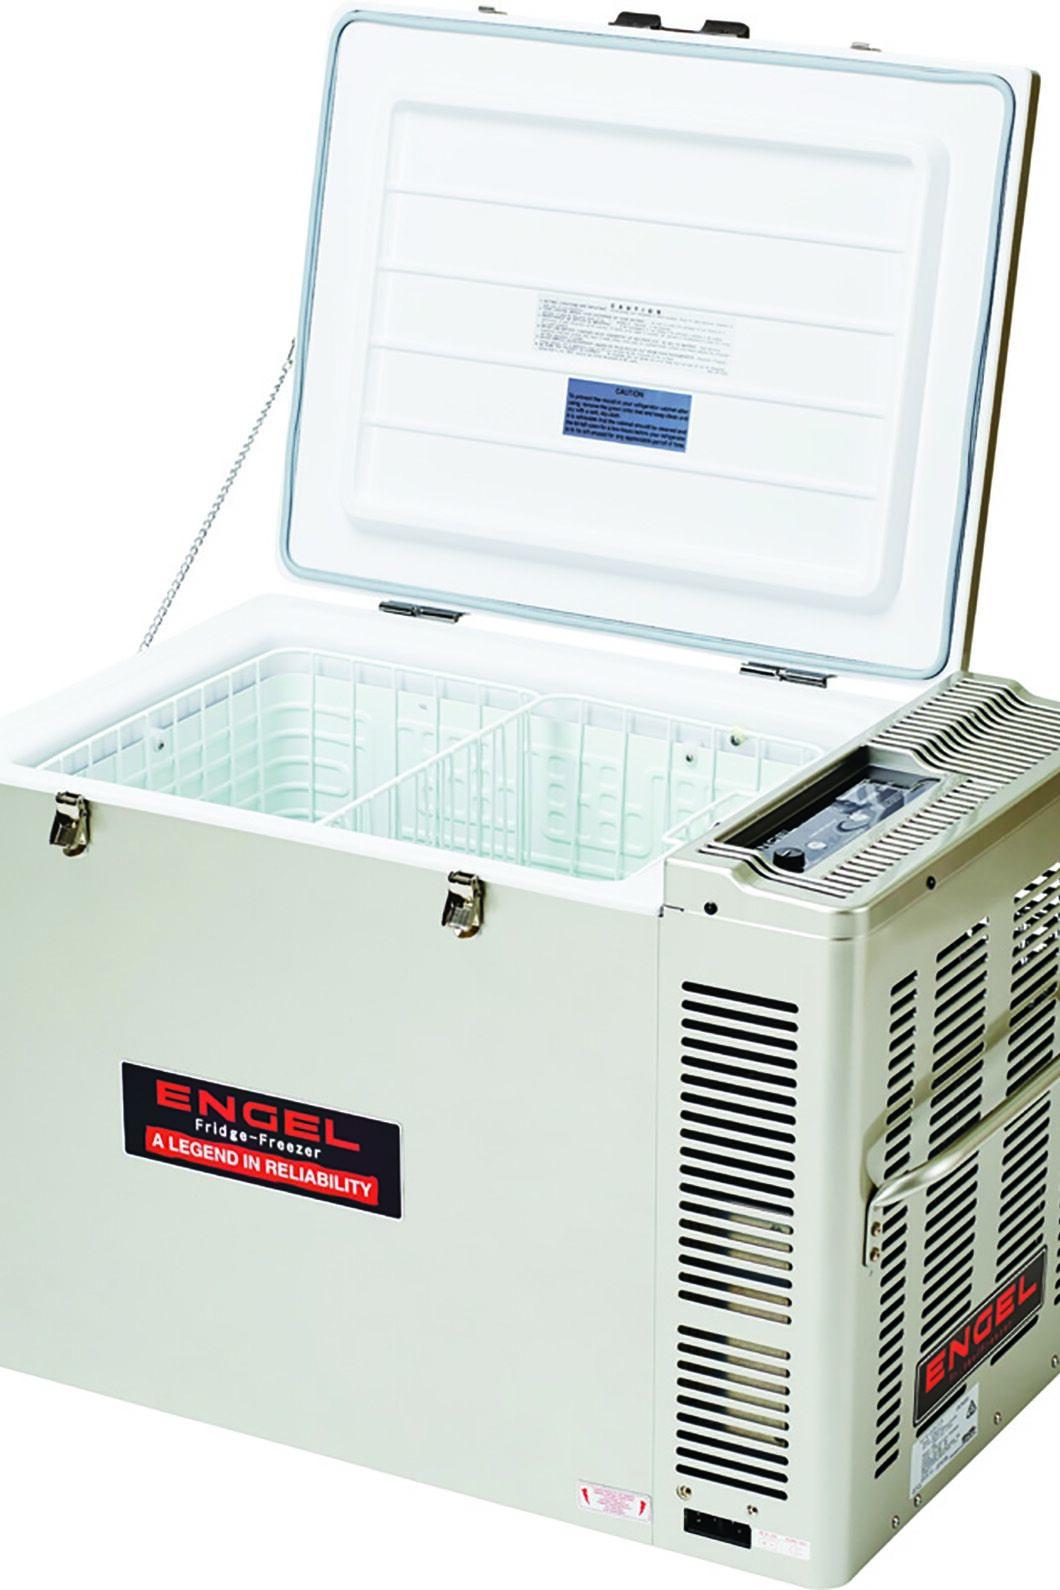 Engel MT80FP Fridge Freezer 80L | Macpac